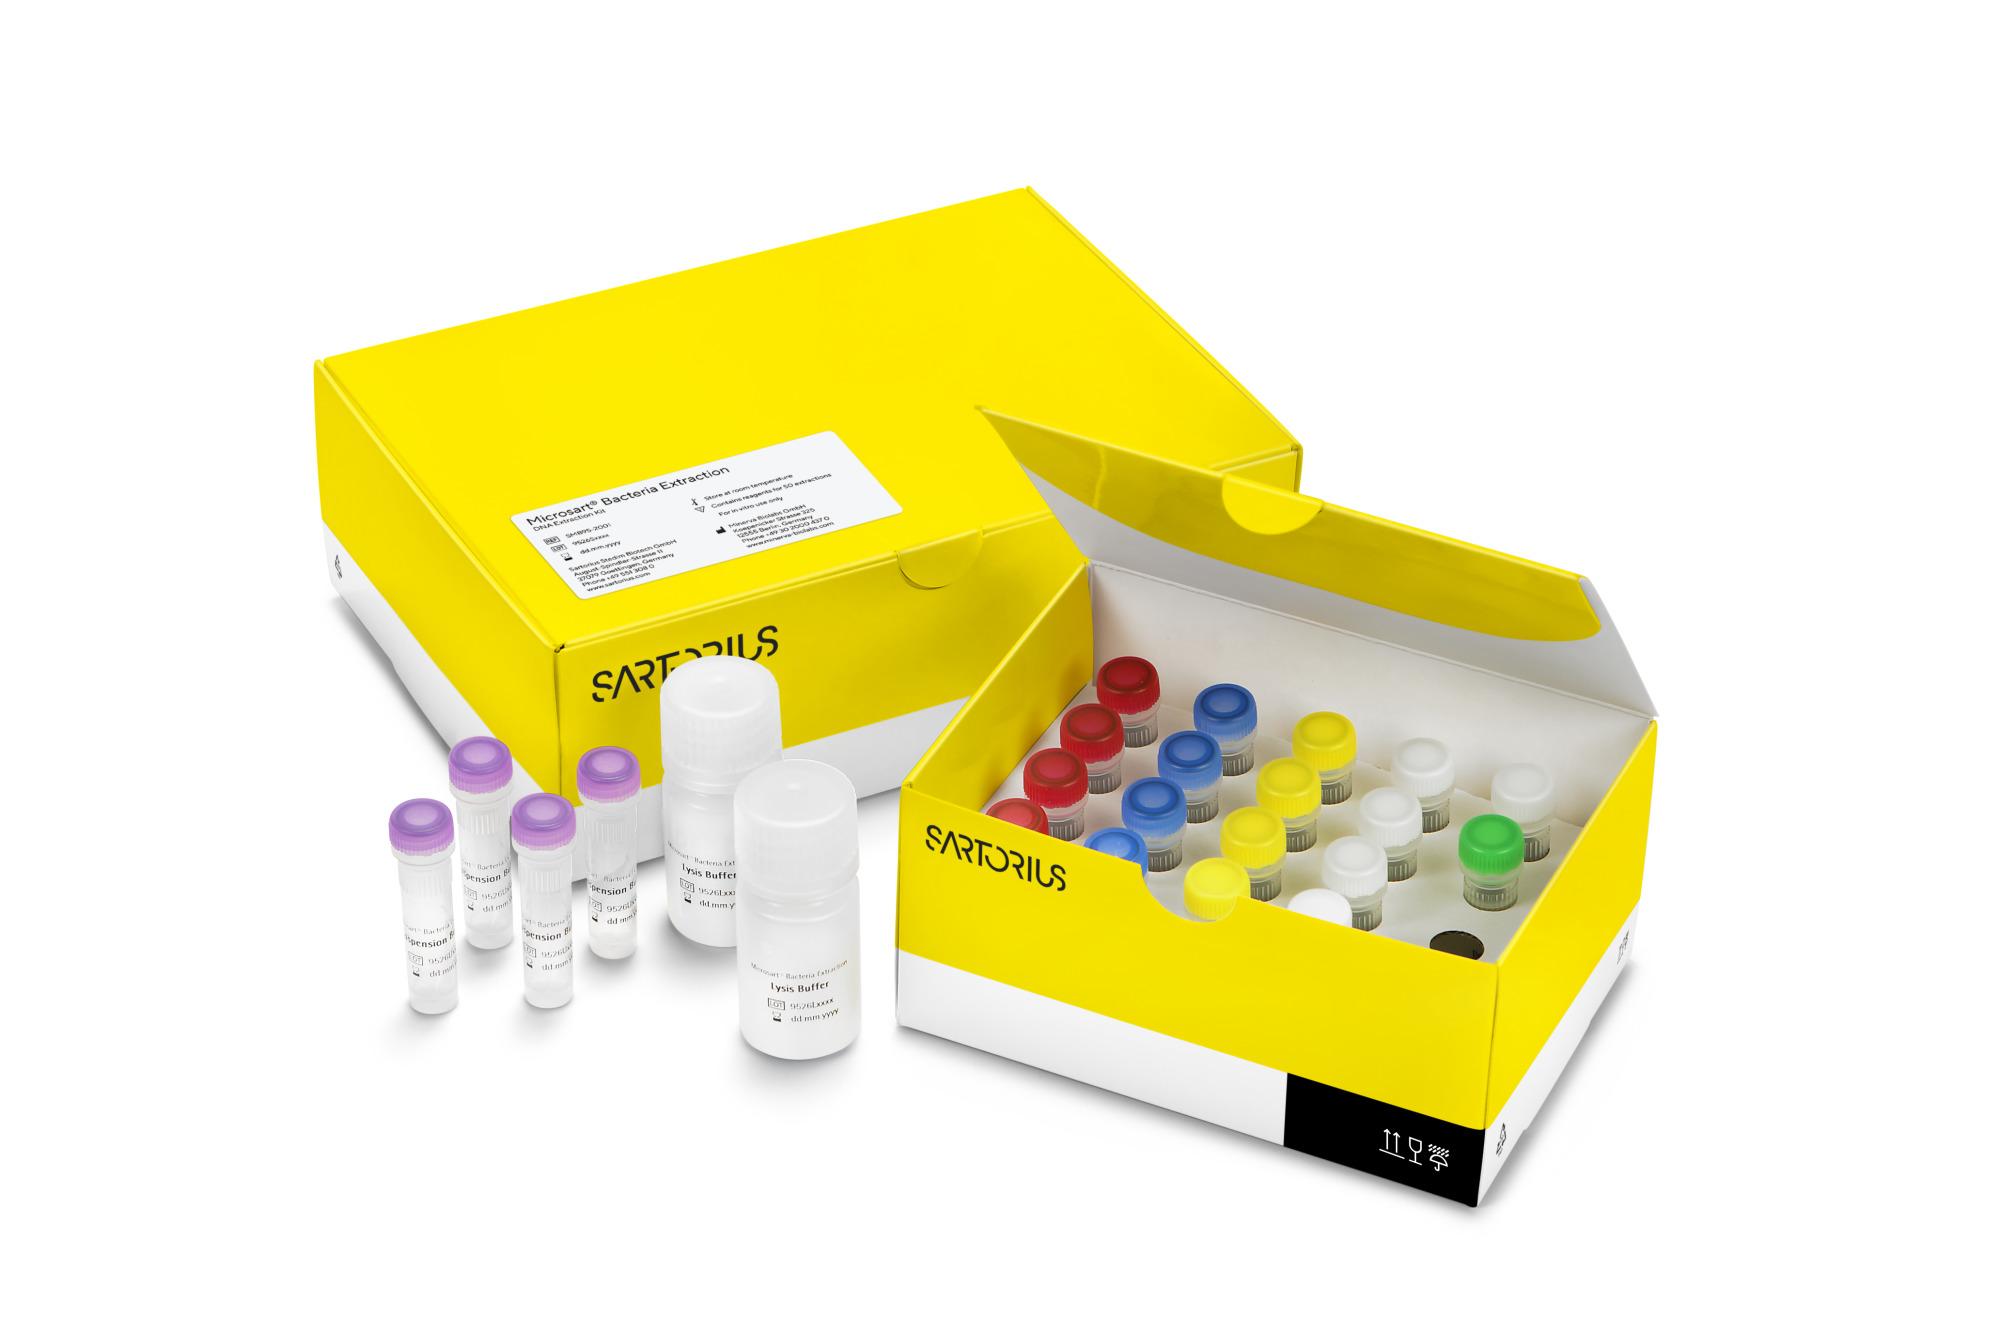 赛多利斯Microsart® 真菌验证标准品